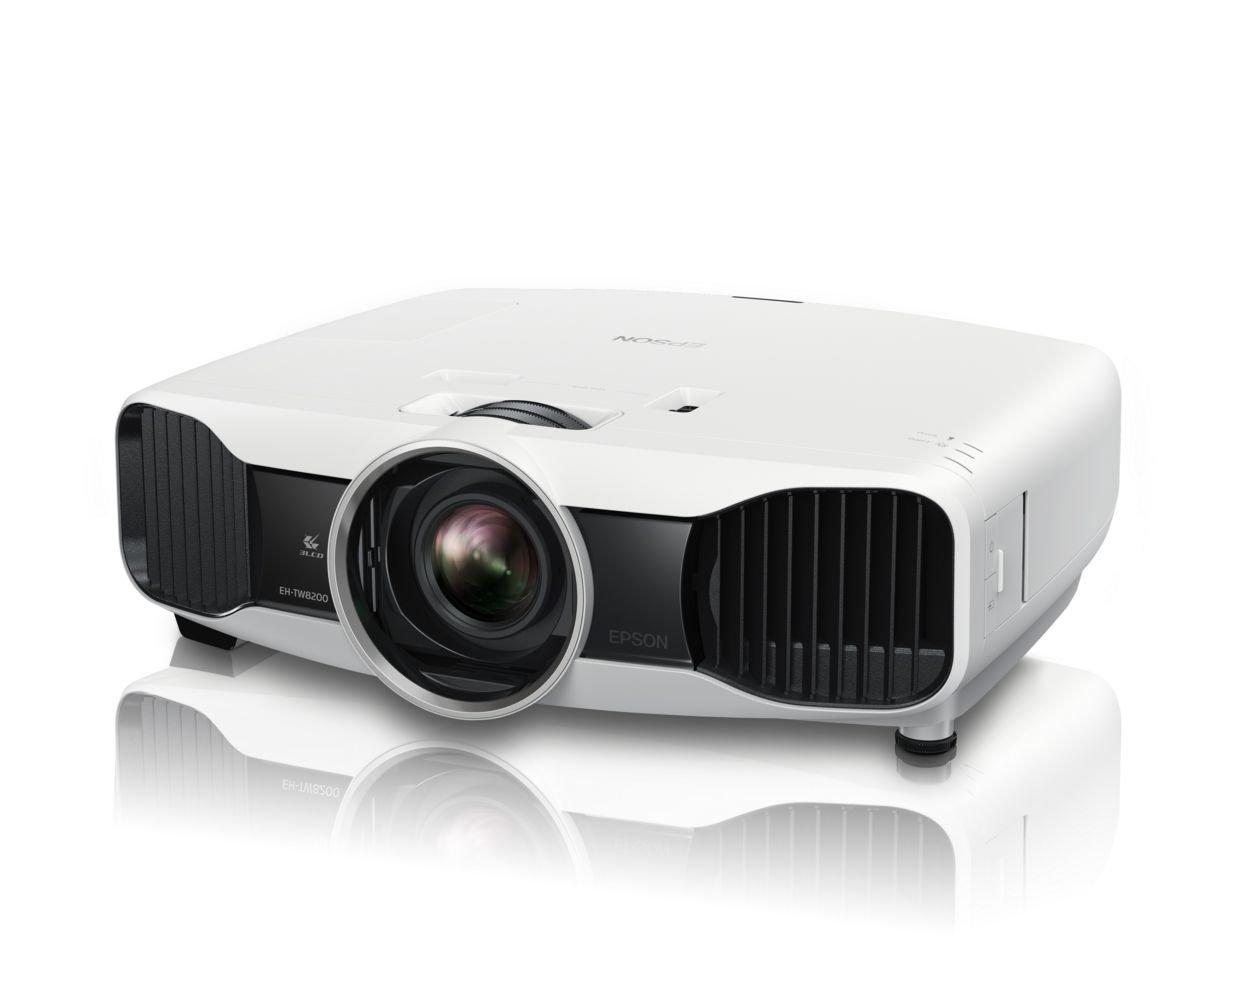 【お気にいる】 EPSON dreamio dreamio ホームプロジェクター(600000:1 EH-TW8200 2400lm) 3D対応 EPSON EH-TW8200 B00EDE2T76, ペアジュエリー テラグラティア:07b4a4b4 --- martinemoeykens.com